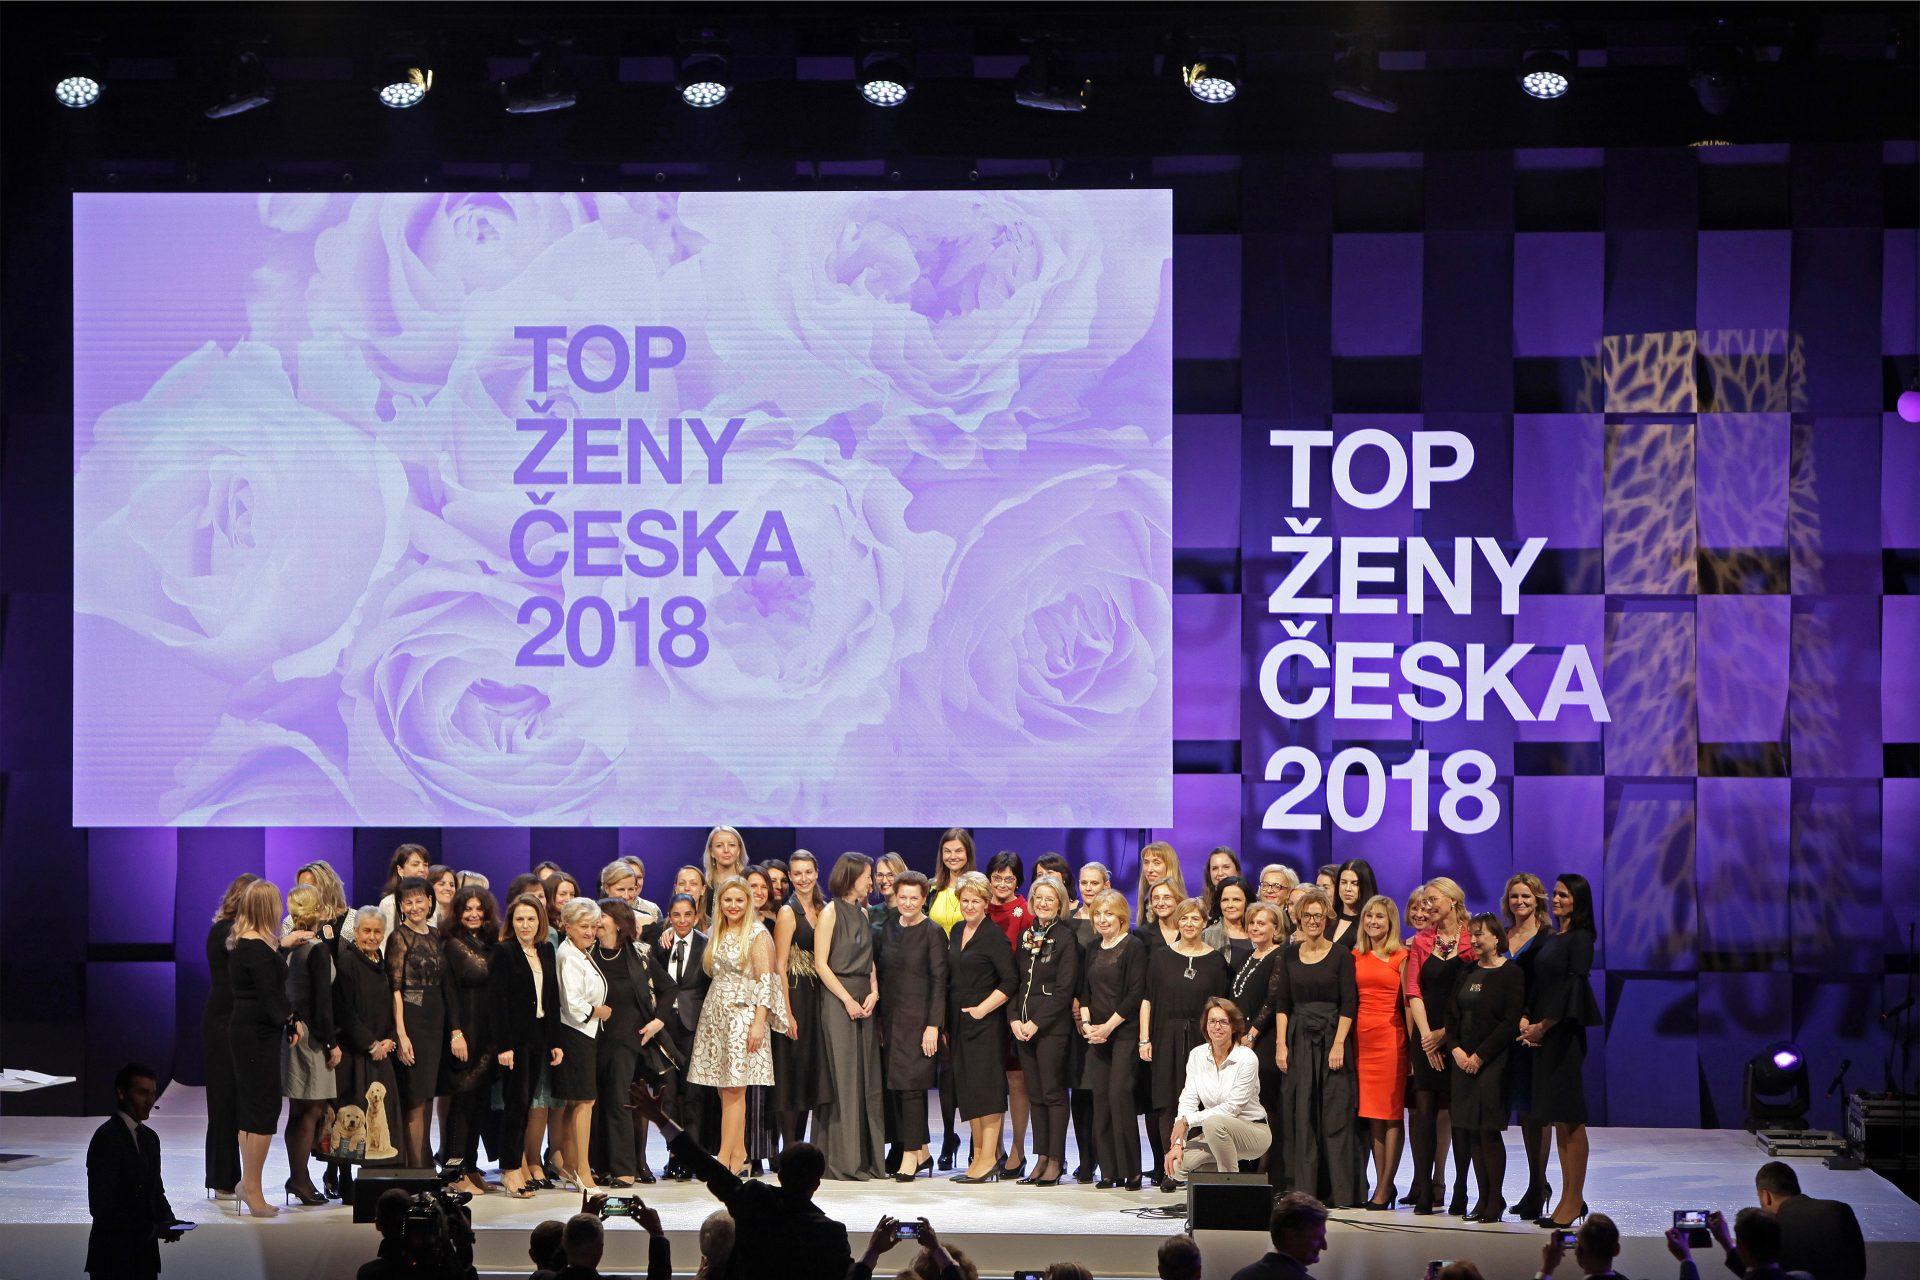 JANA MUSILOVÁ MEZI 25 TOP ŽENAMI ČESKA